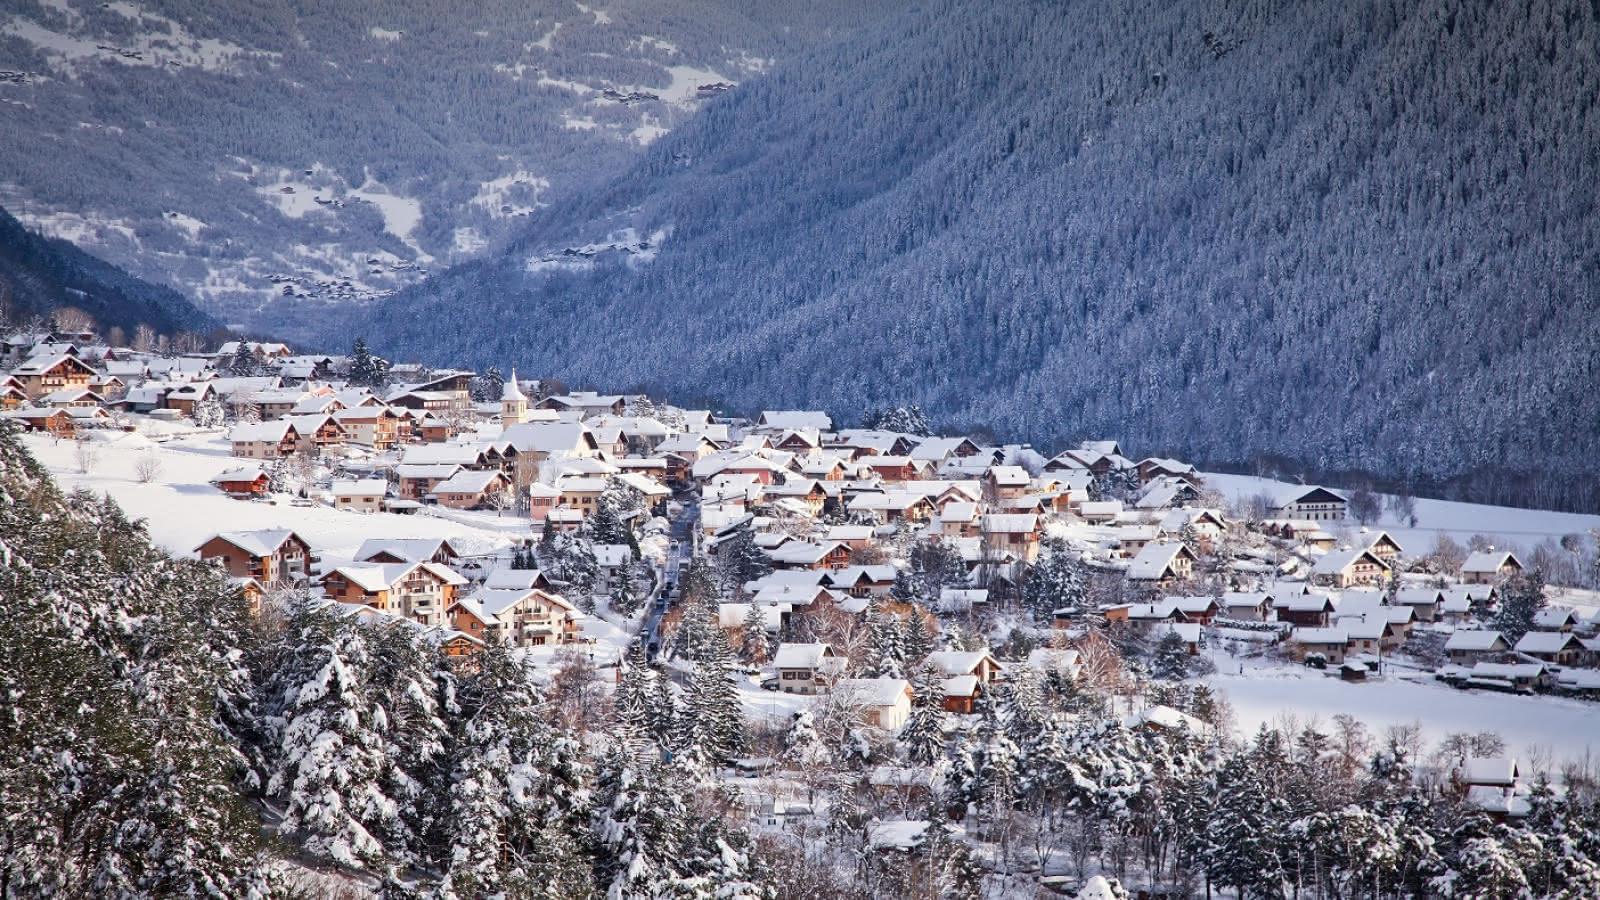 Vue du village de Séez en hiver